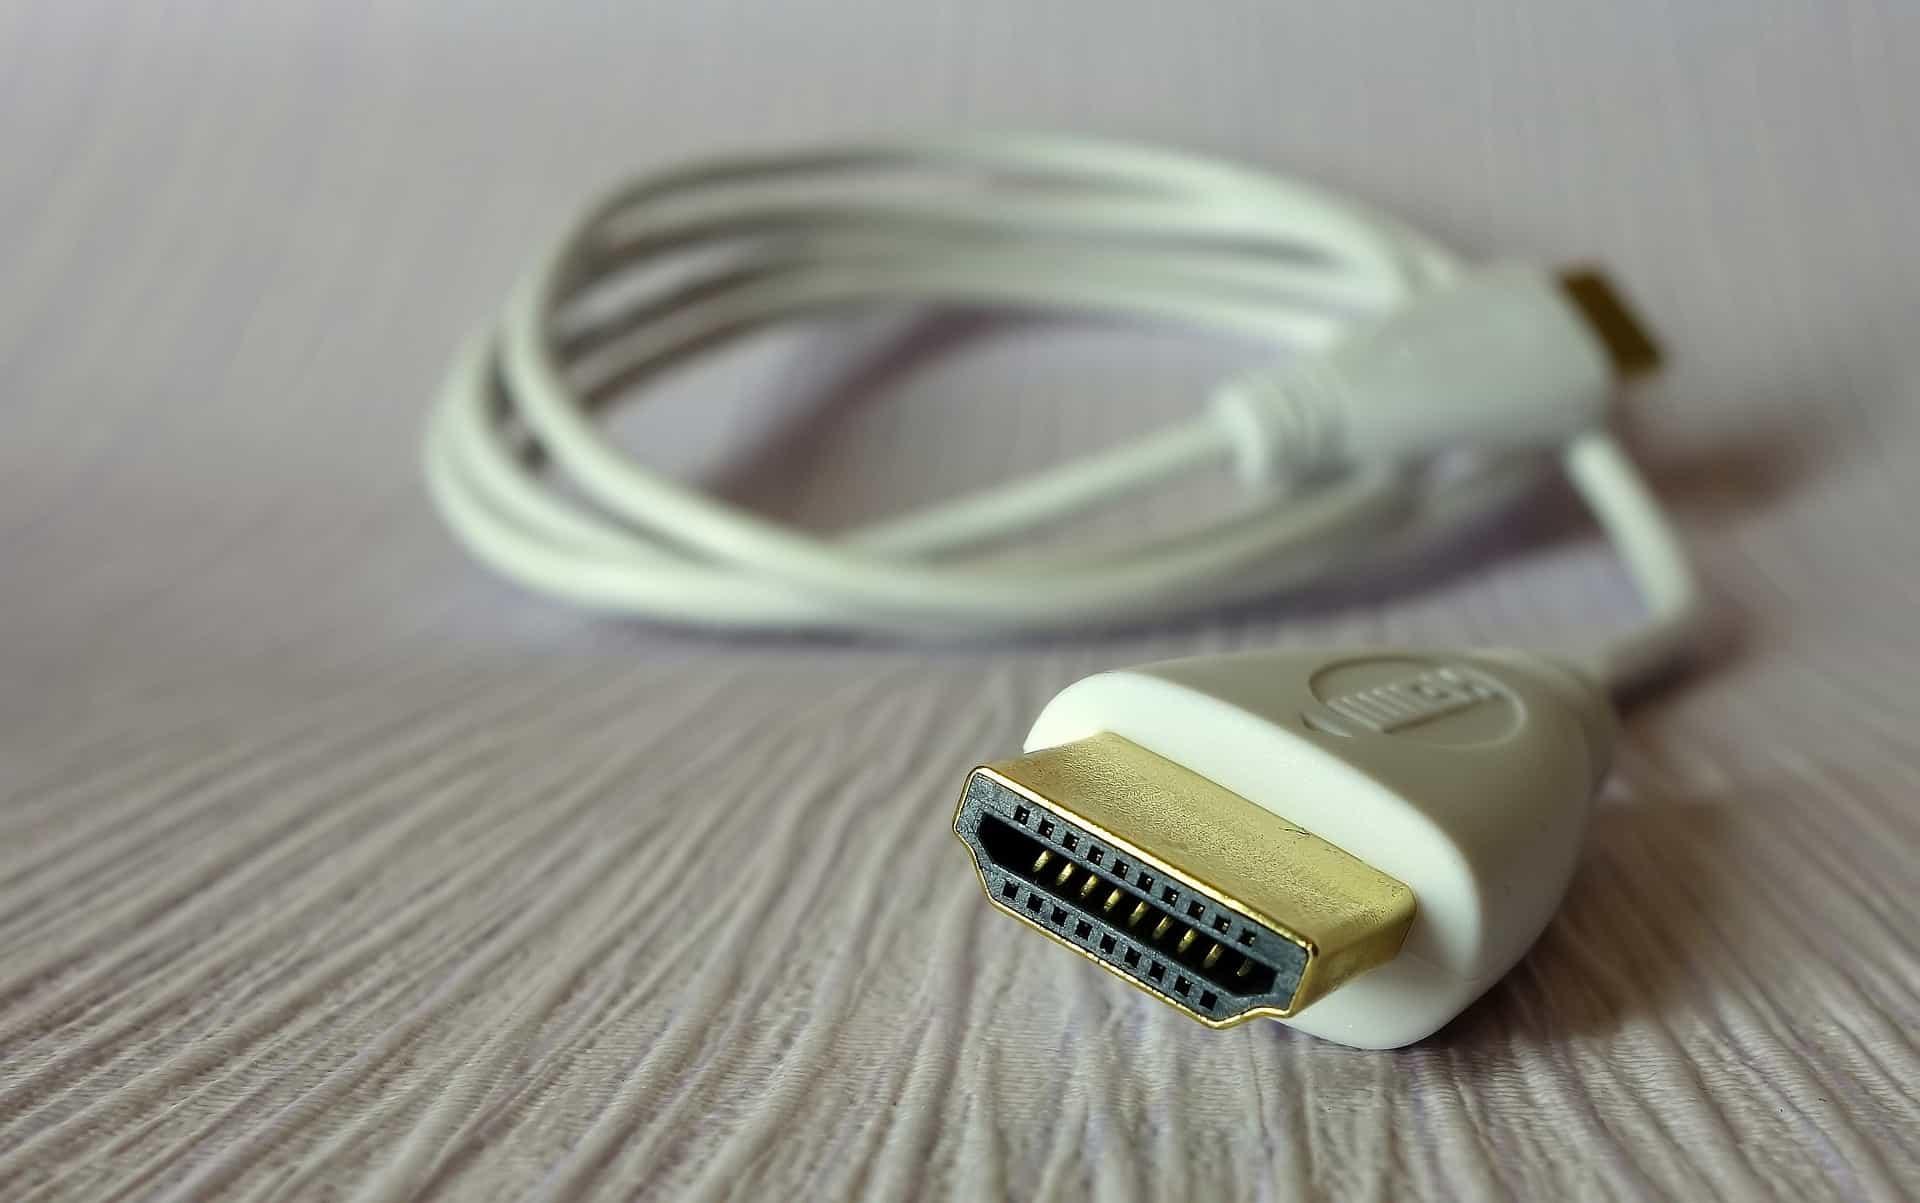 HDMI-Kabel: Test & Empfehlungen (01/21)